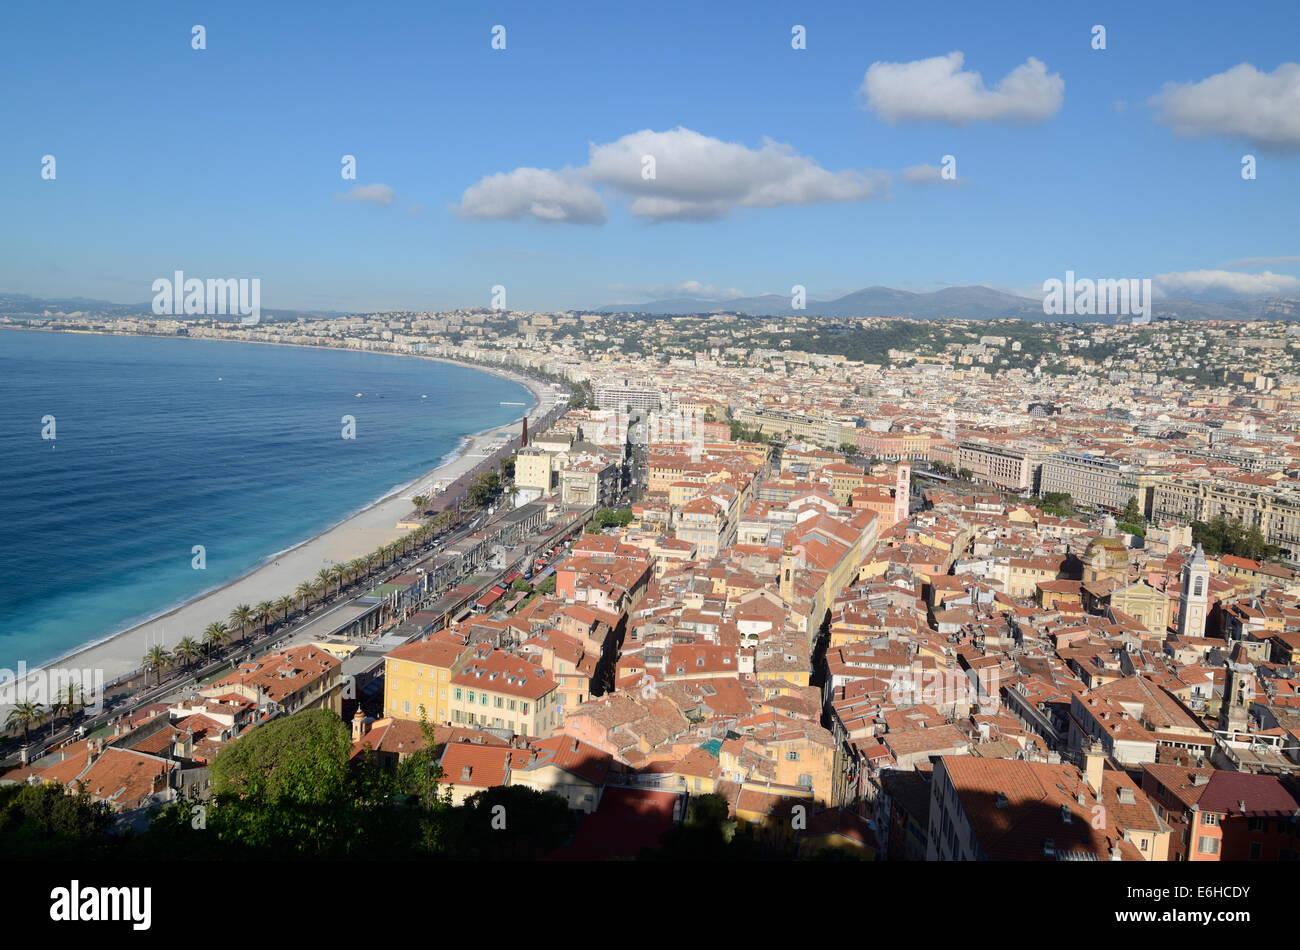 Foto panoramiche o Vista aerea della città vecchia lungo la Promenade des Anglais e dalla città di Nizza Immagini Stock